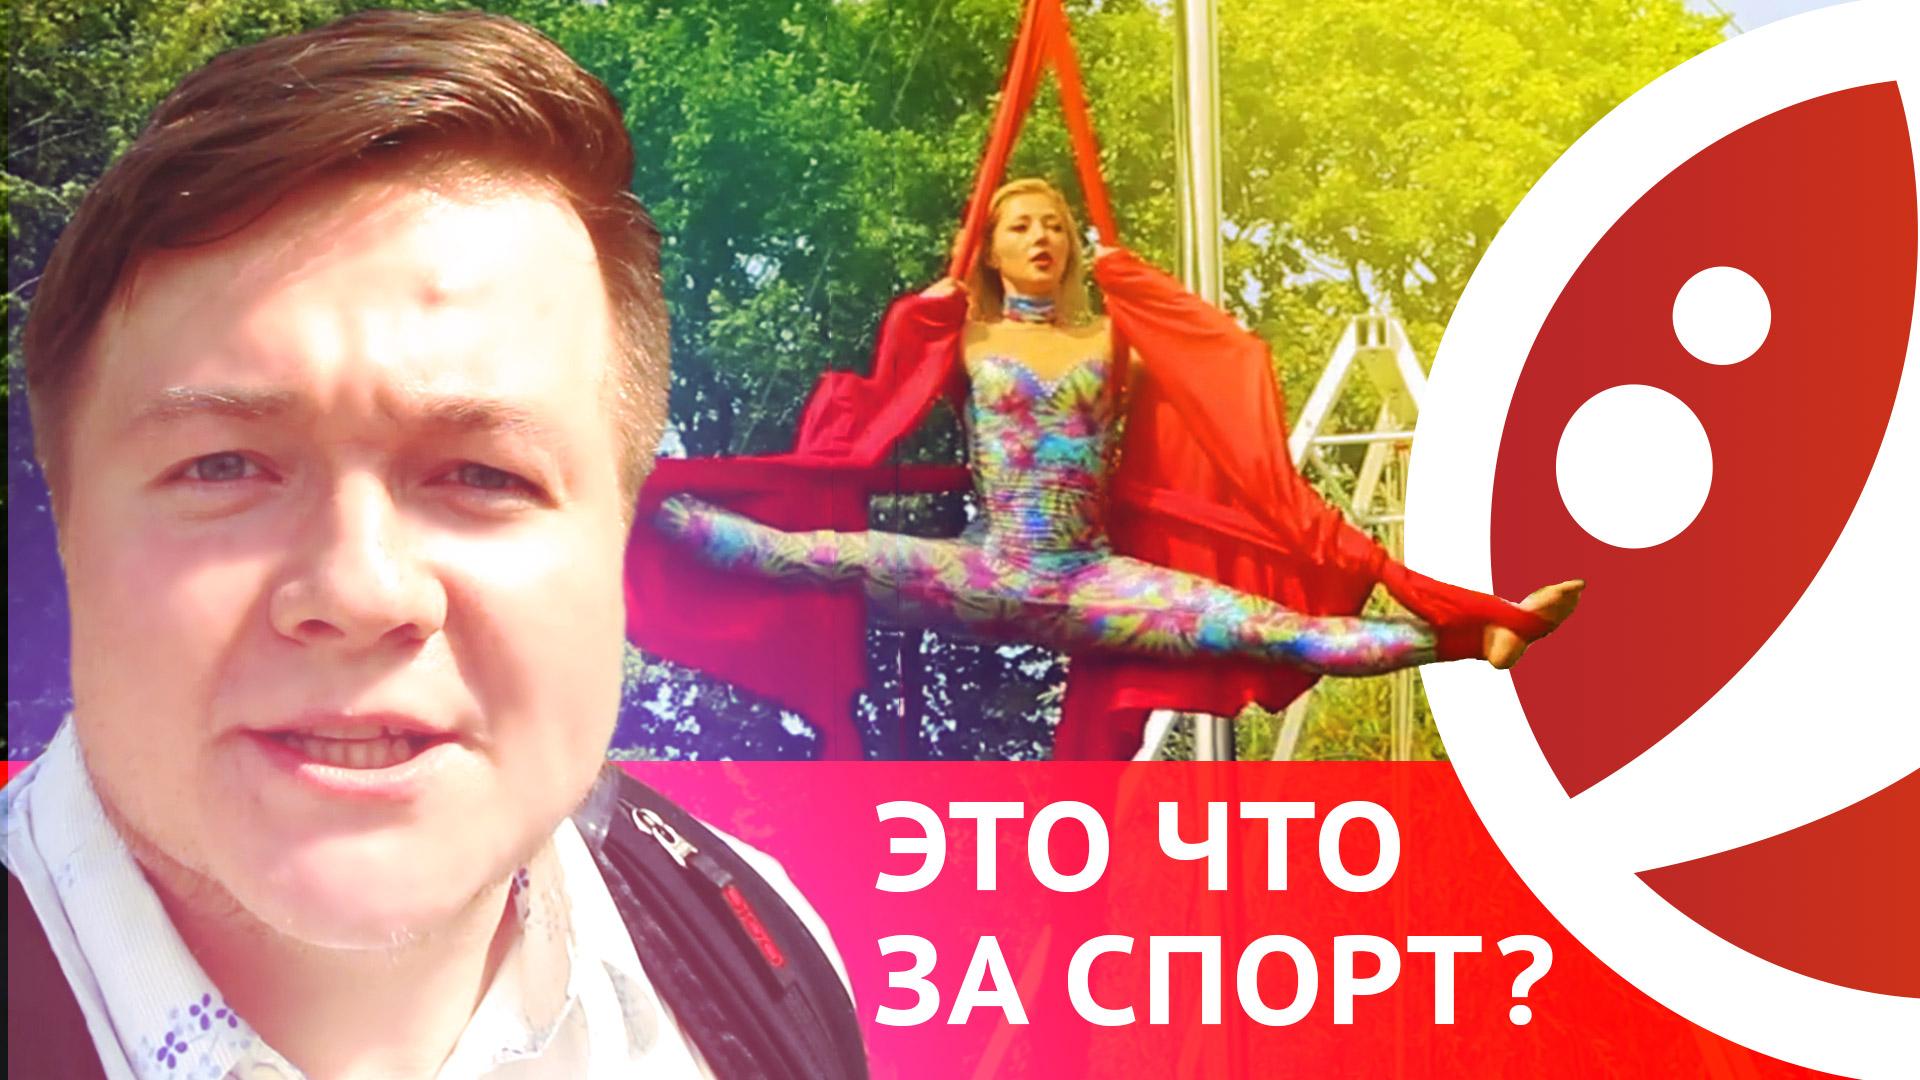 ВЛОГ: Воздушный фестиваль: кольцо, акройога, баланс и ходули в Парке Горького